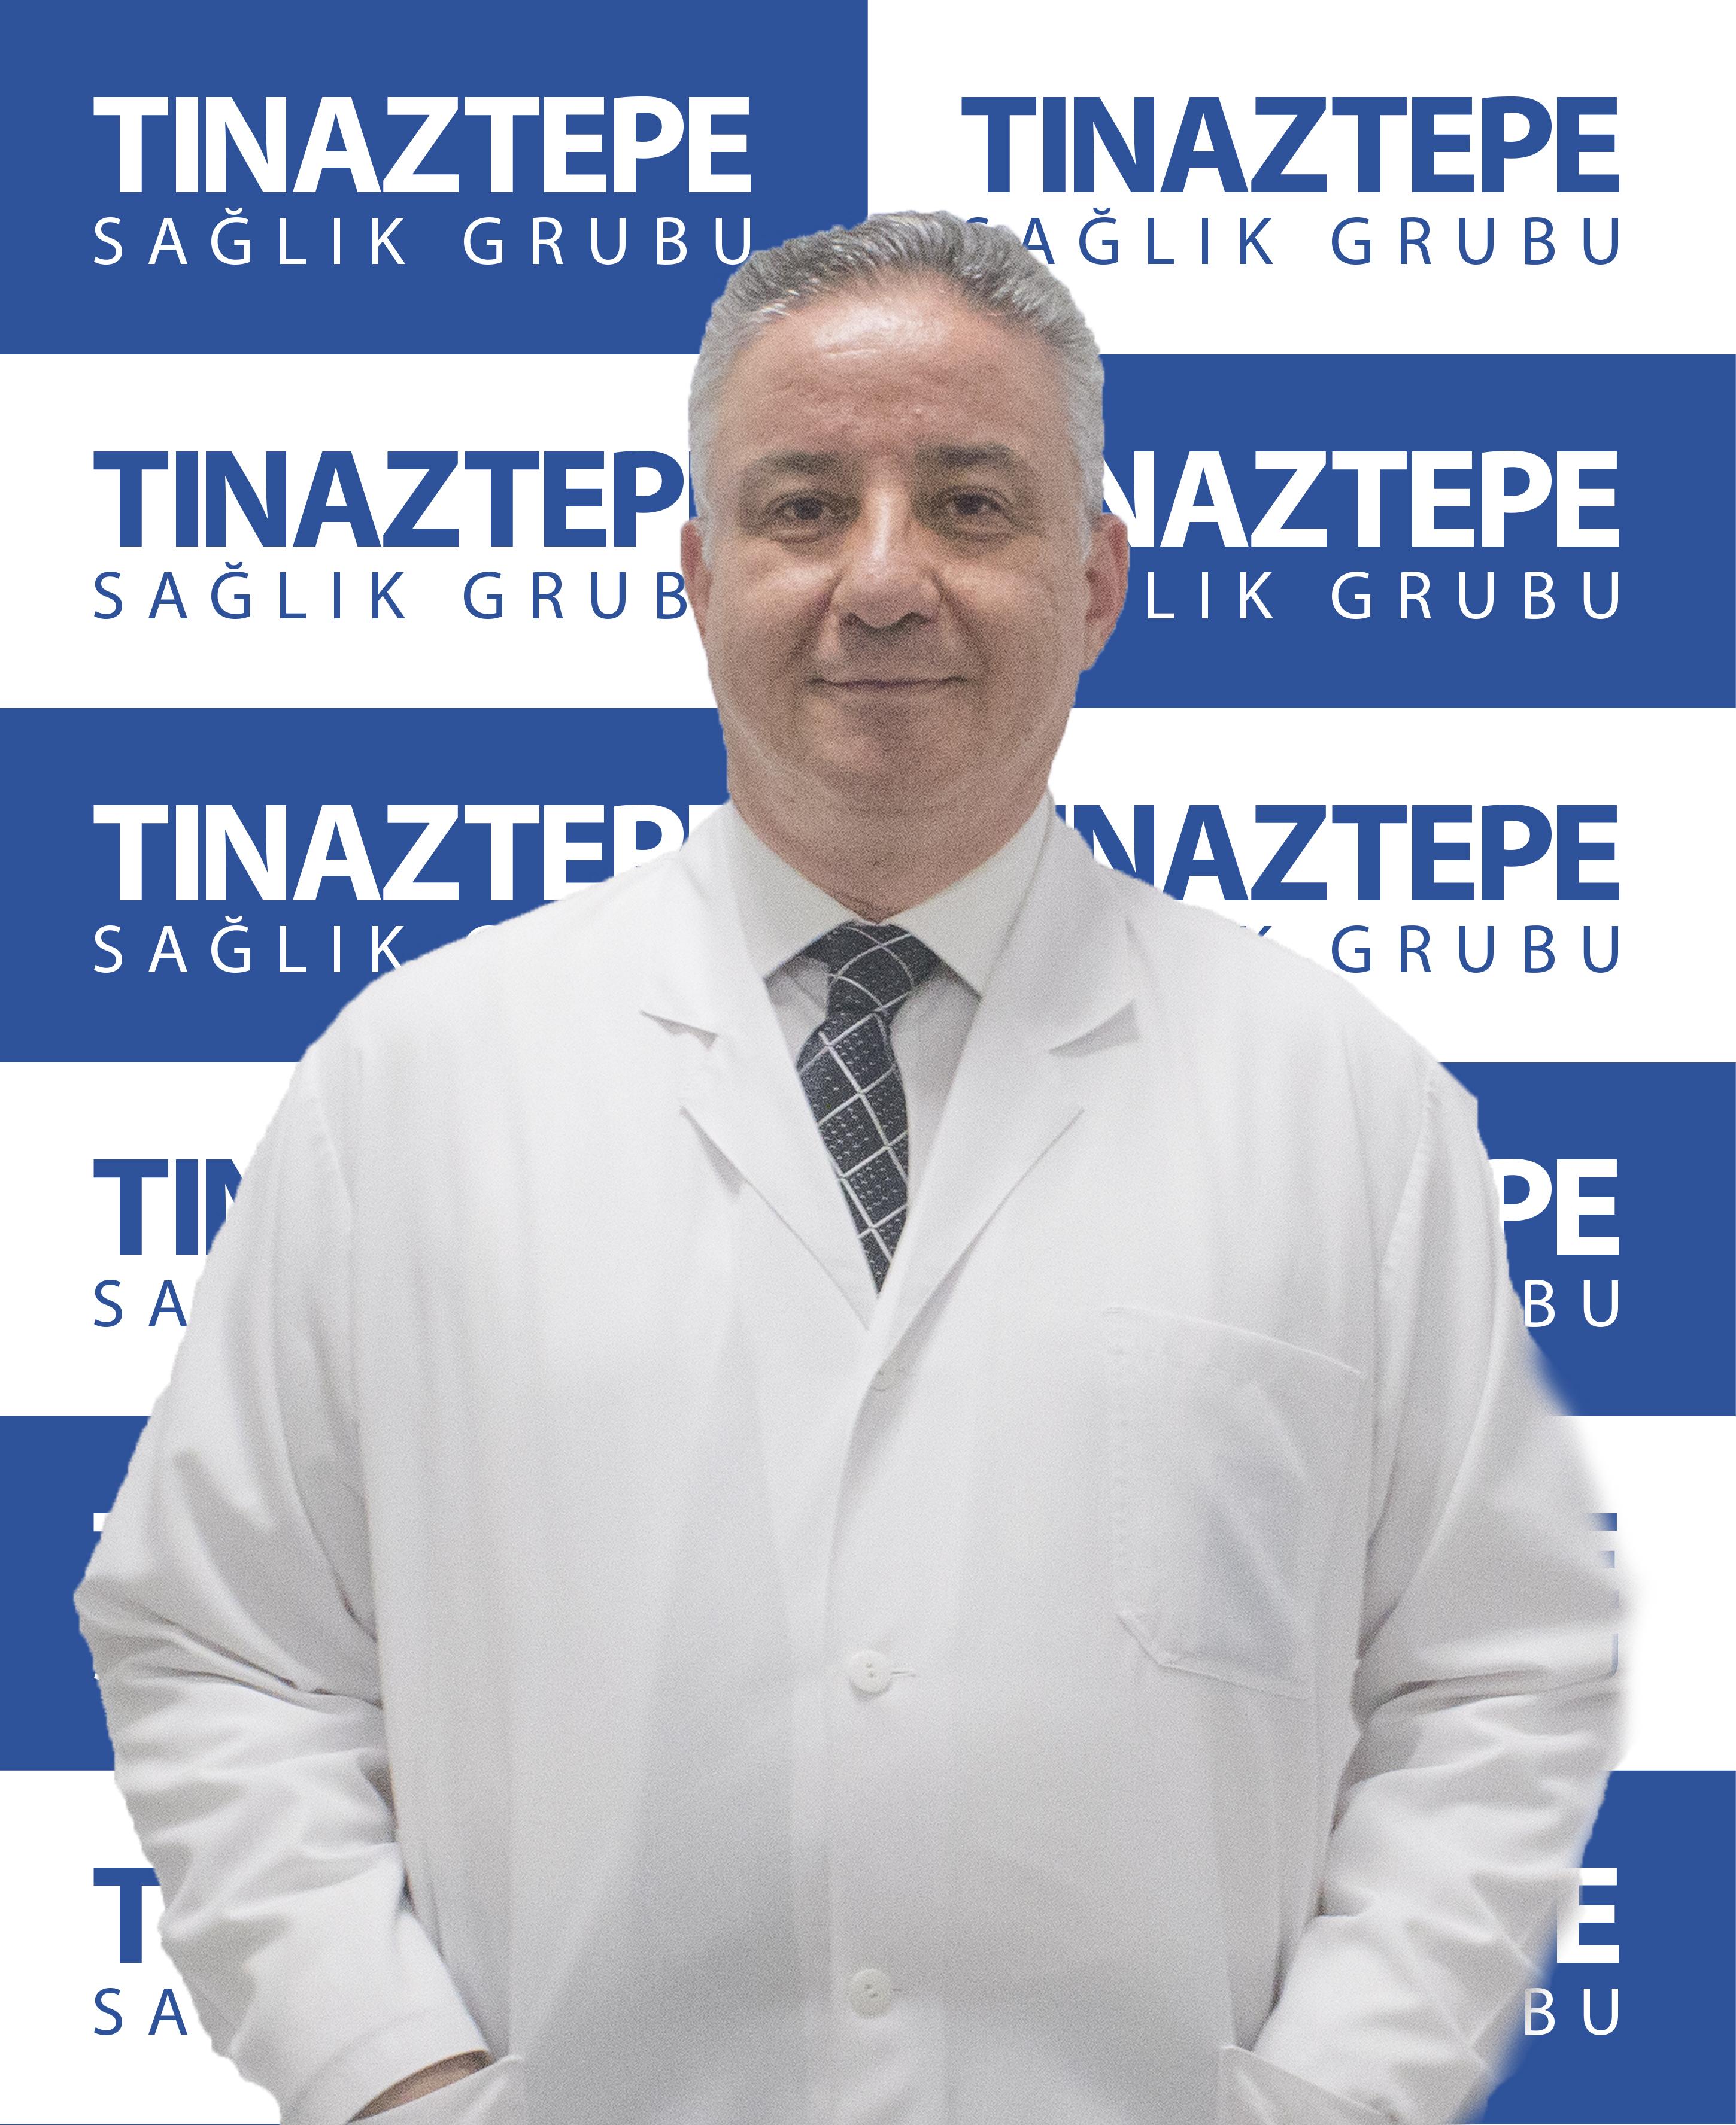 Başhekim Yard. Prof. Dr. Cem Güler